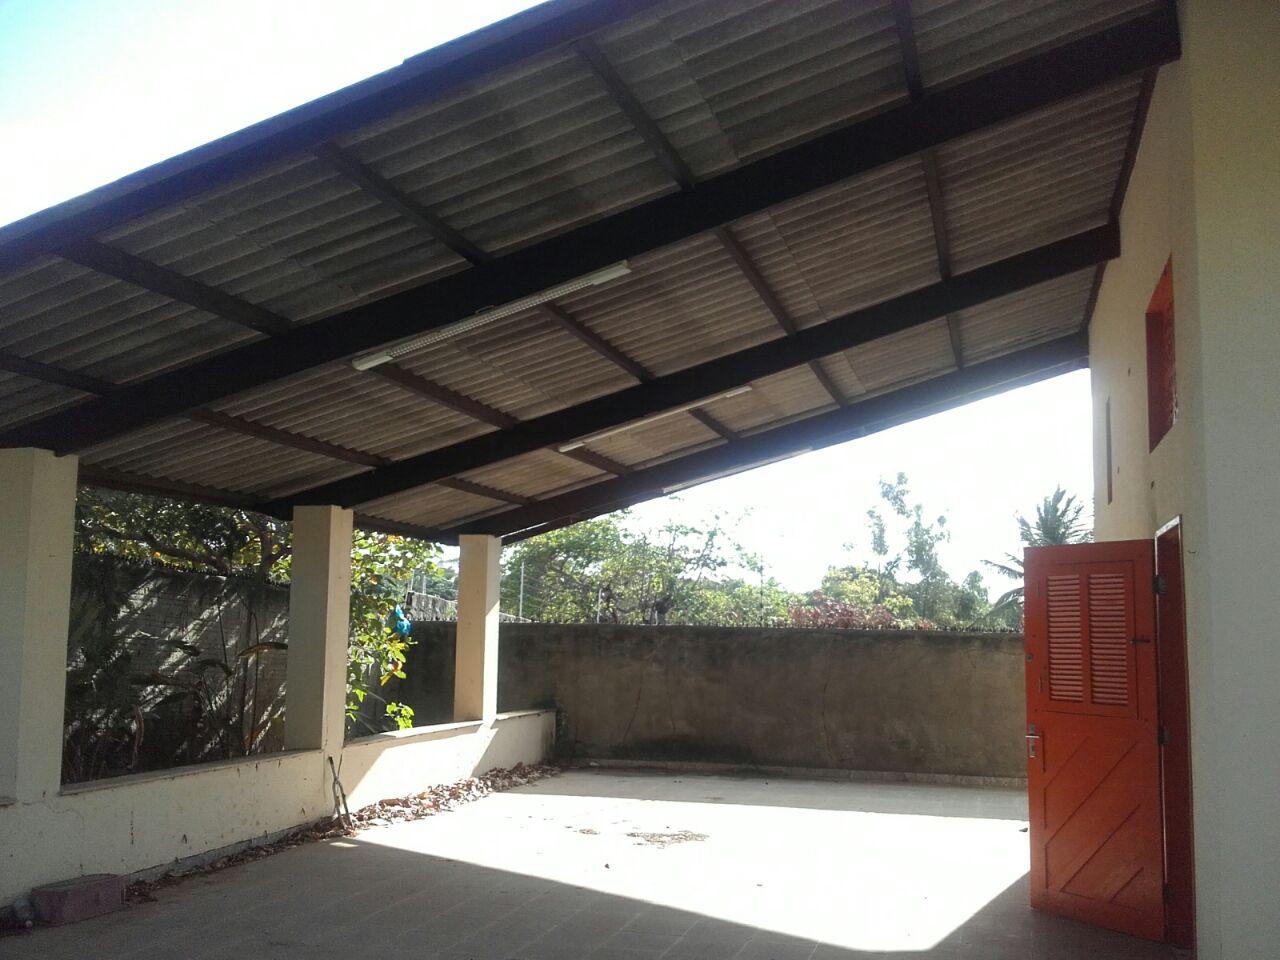 Image Sale house colonia de pium , Rio Grande do Norte Brasil 4